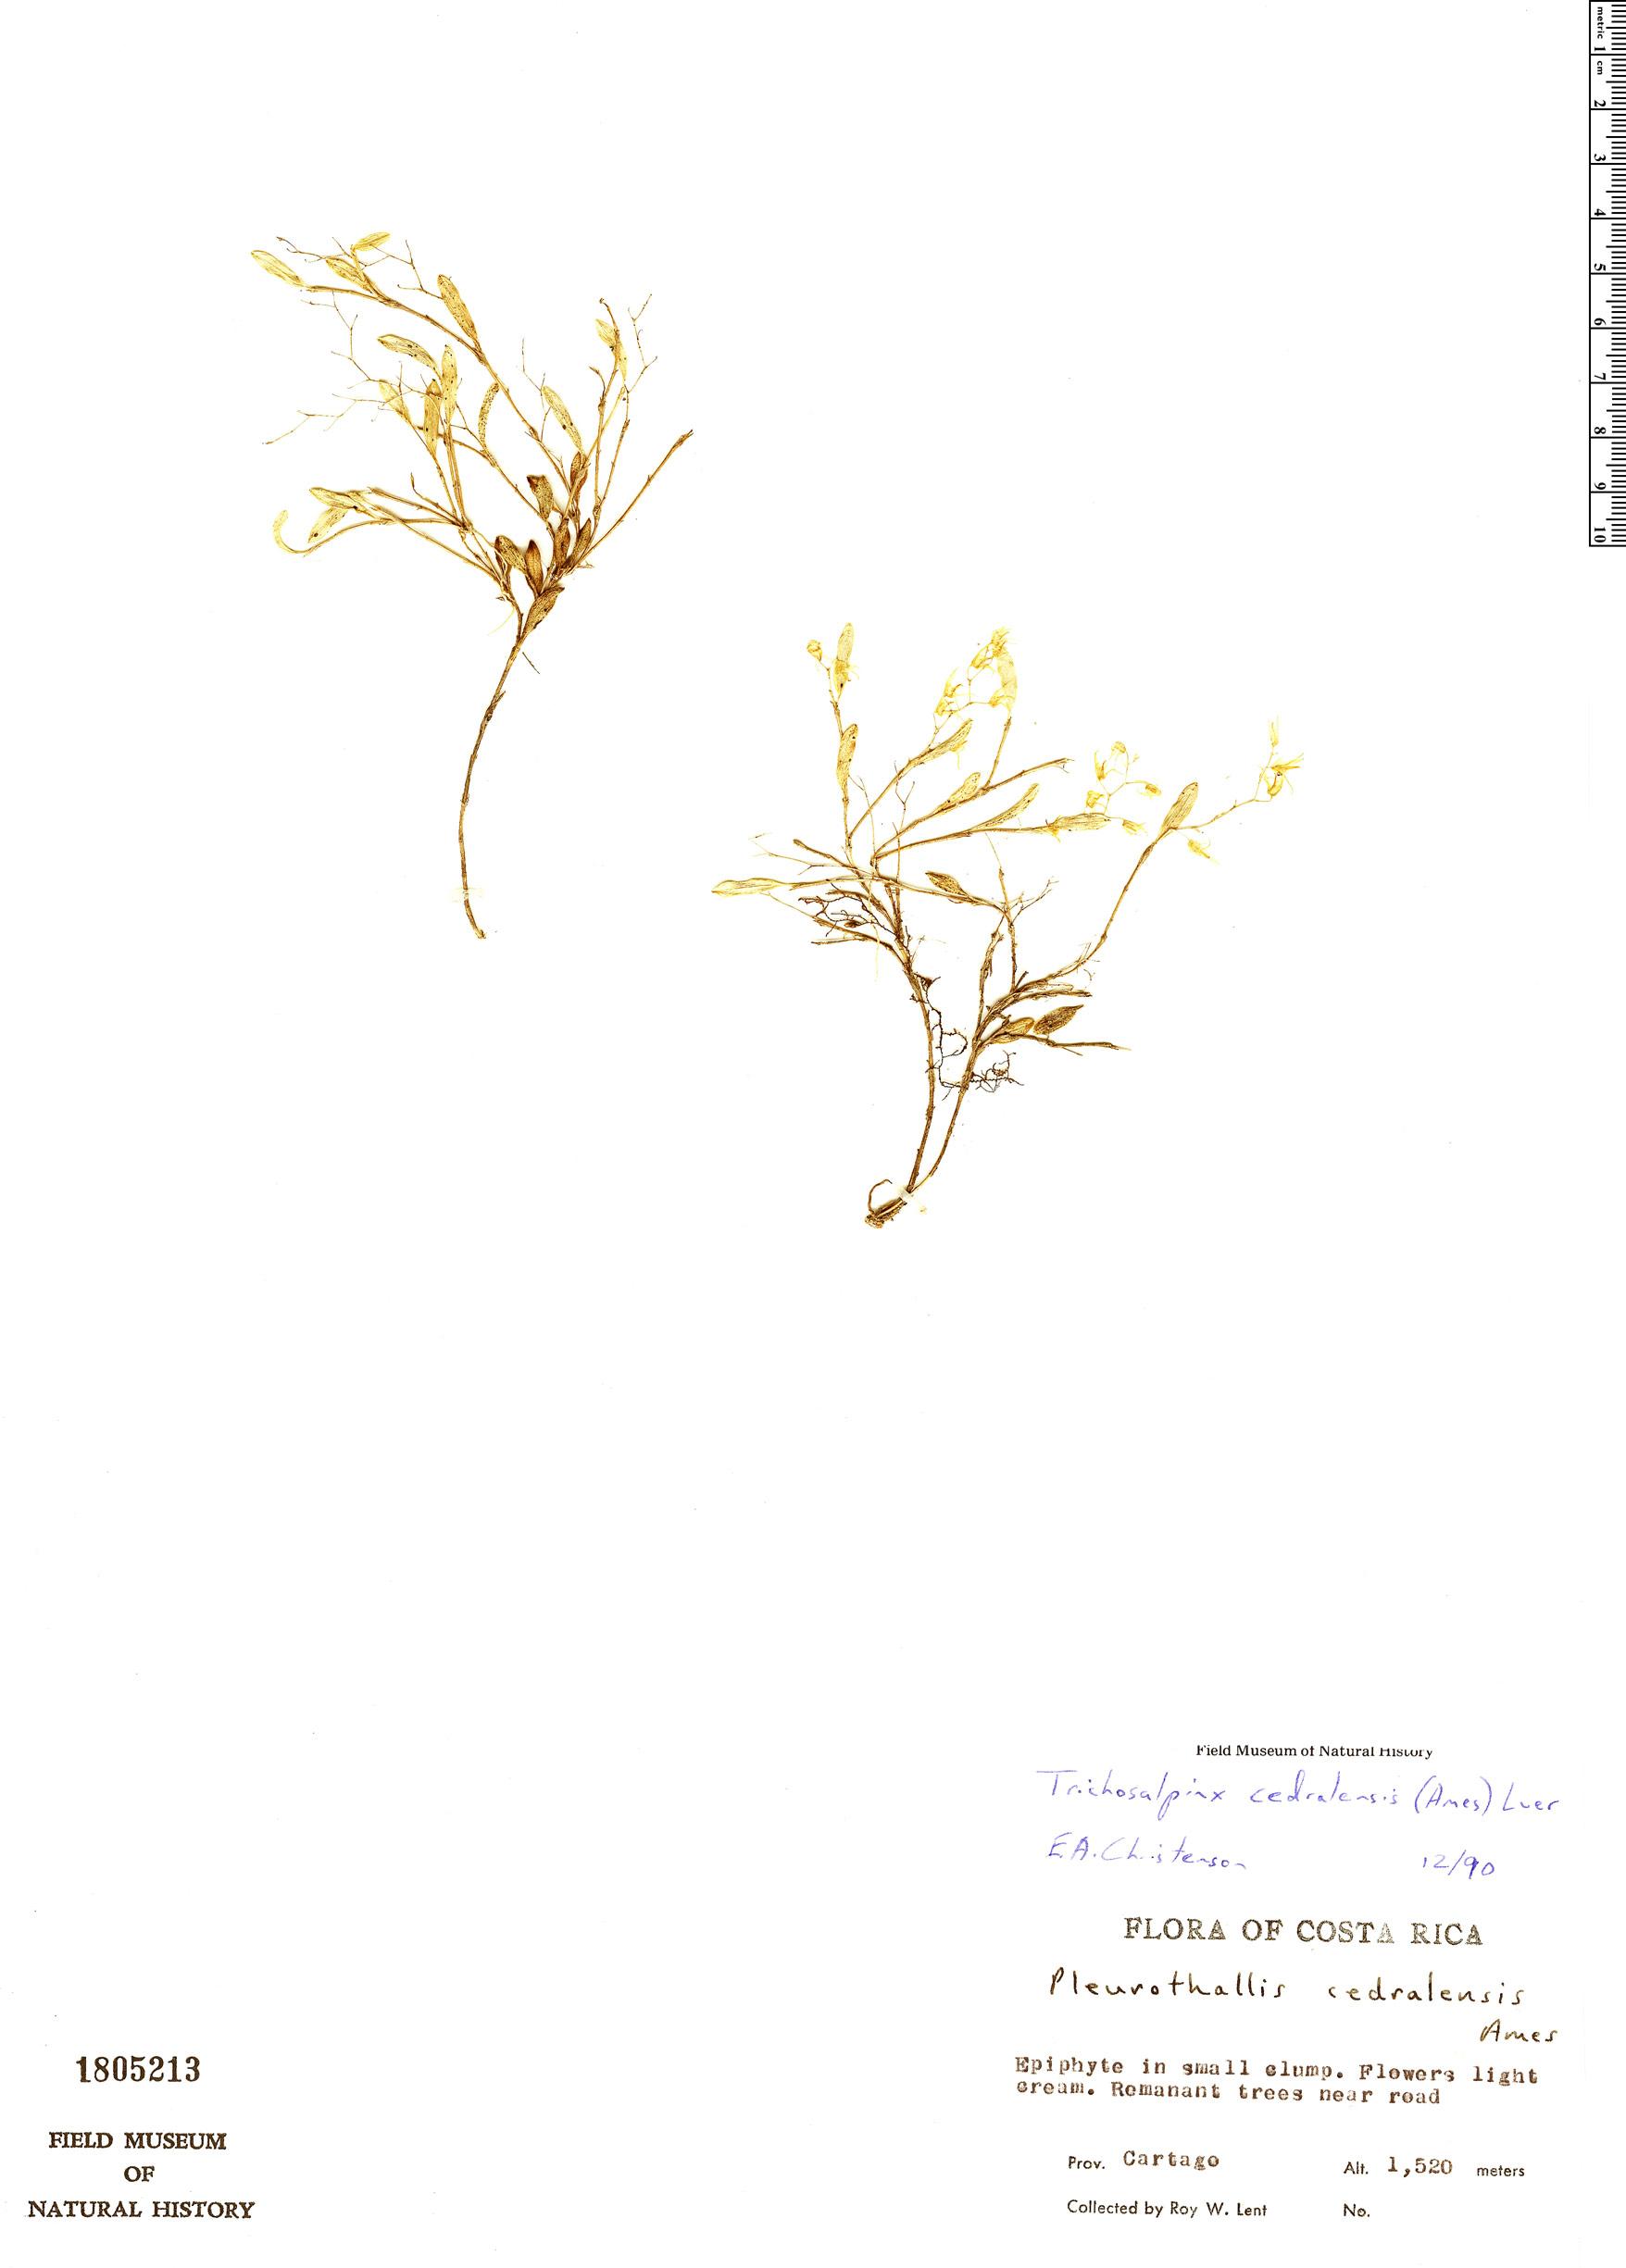 Specimen: Trichosalpinx cedralensis